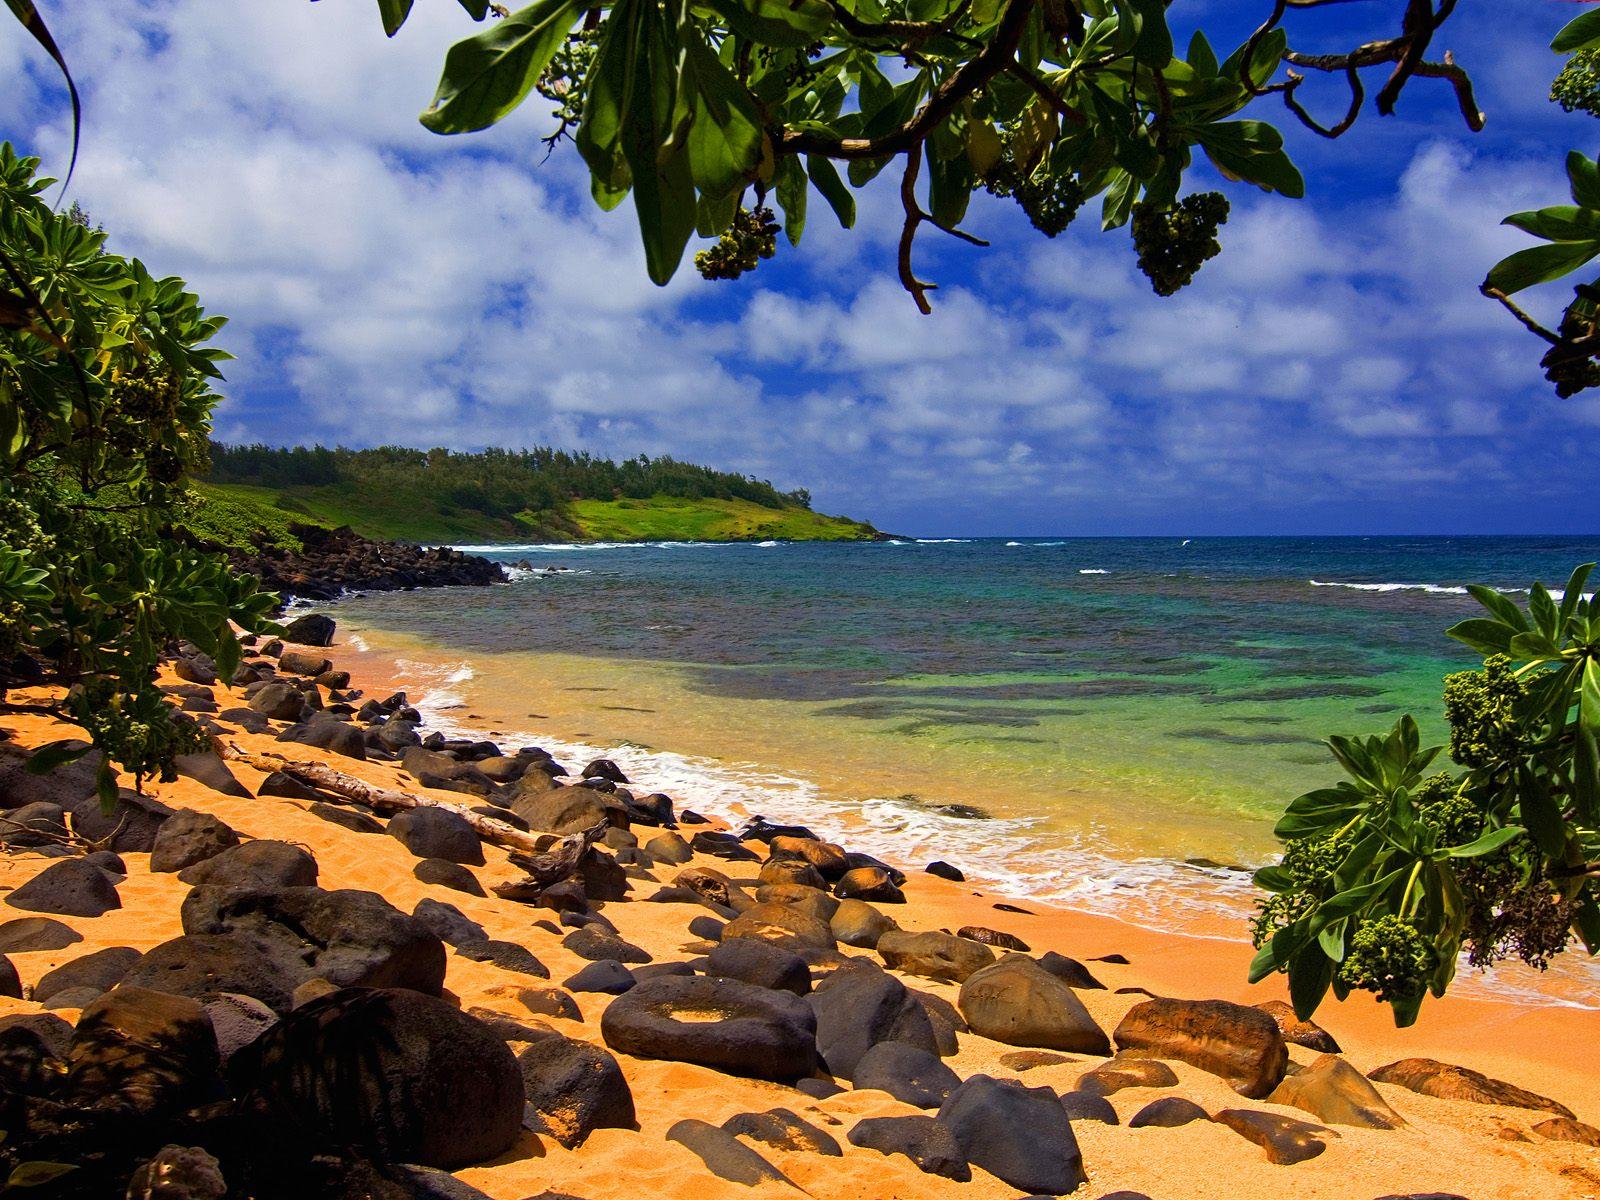 http://4.bp.blogspot.com/-rPMD62m4kA4/To5p_wRLIqI/AAAAAAAAAQo/CfzLpqc0DJM/s1600/Beach_Shade_Moloaa_Kauai_Hawaii.jpg